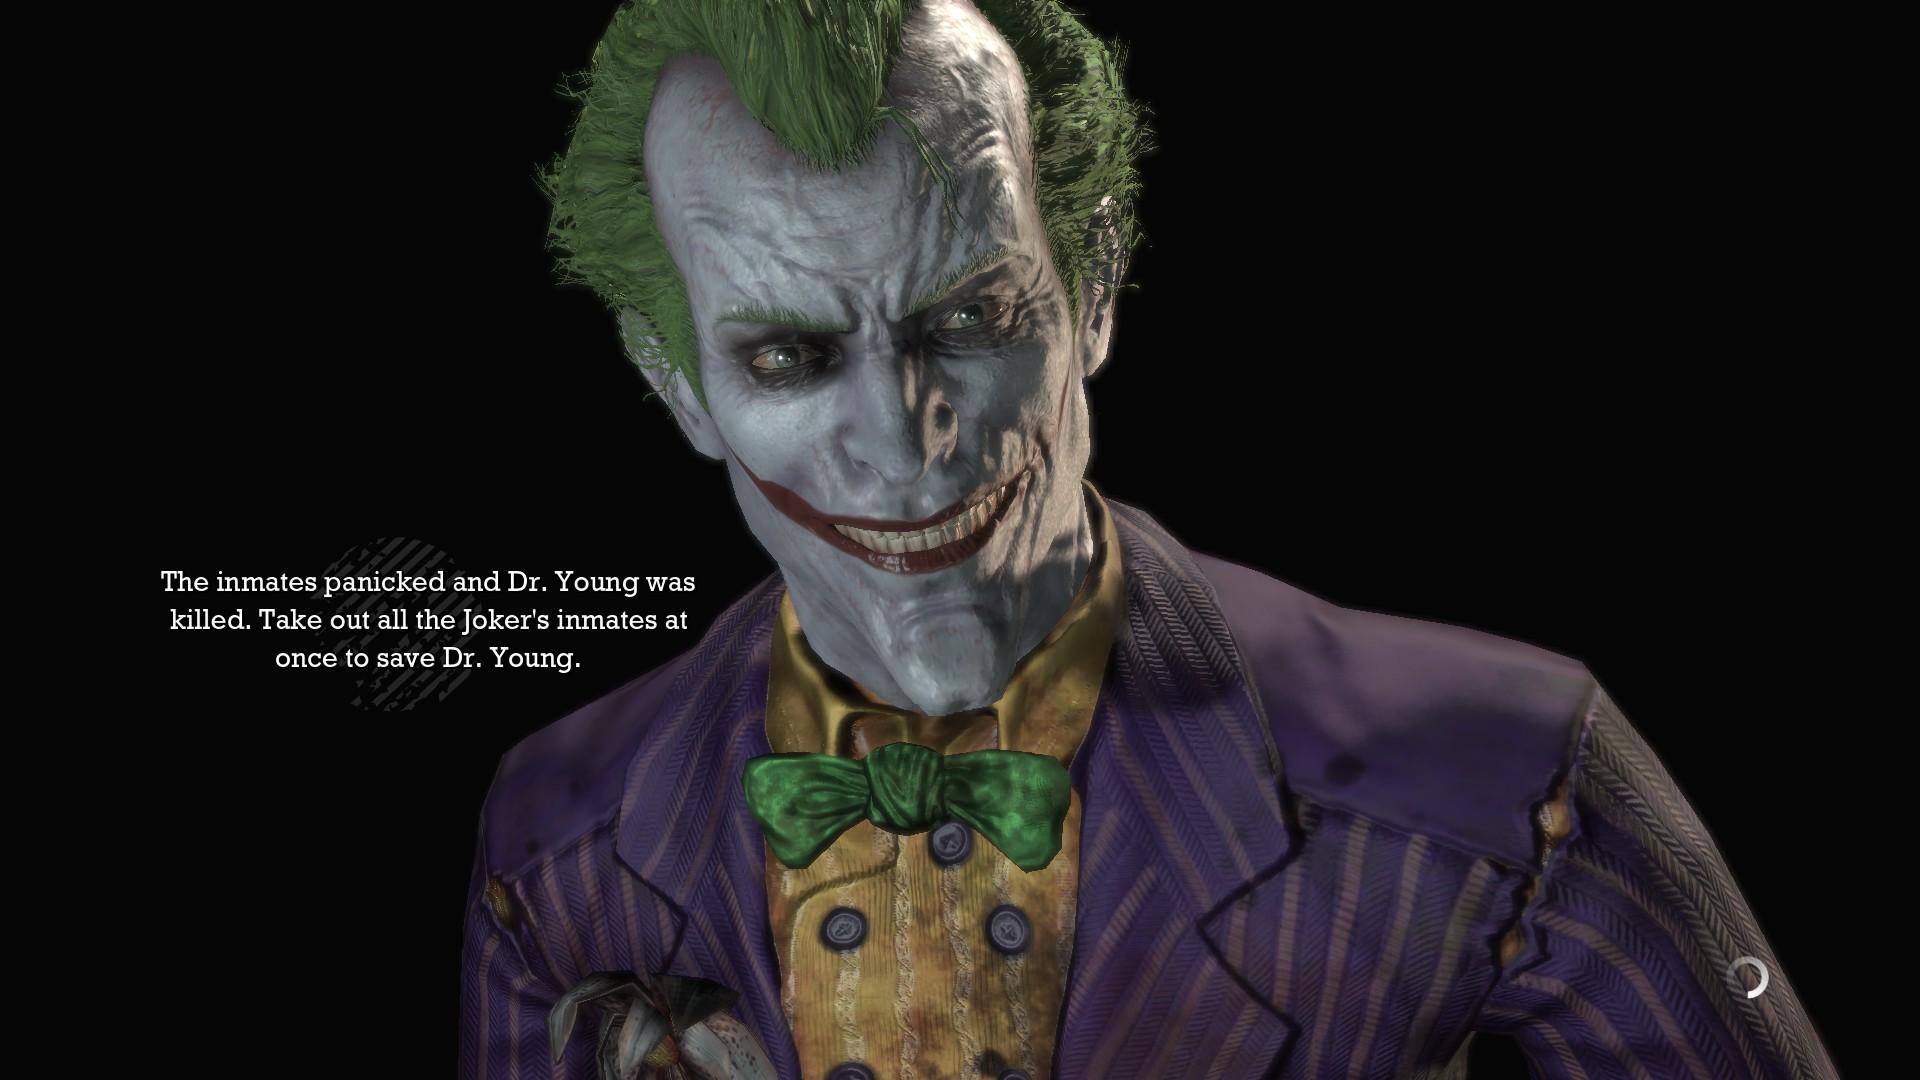 Arkham Asylum Joker Quotes. QuotesGram